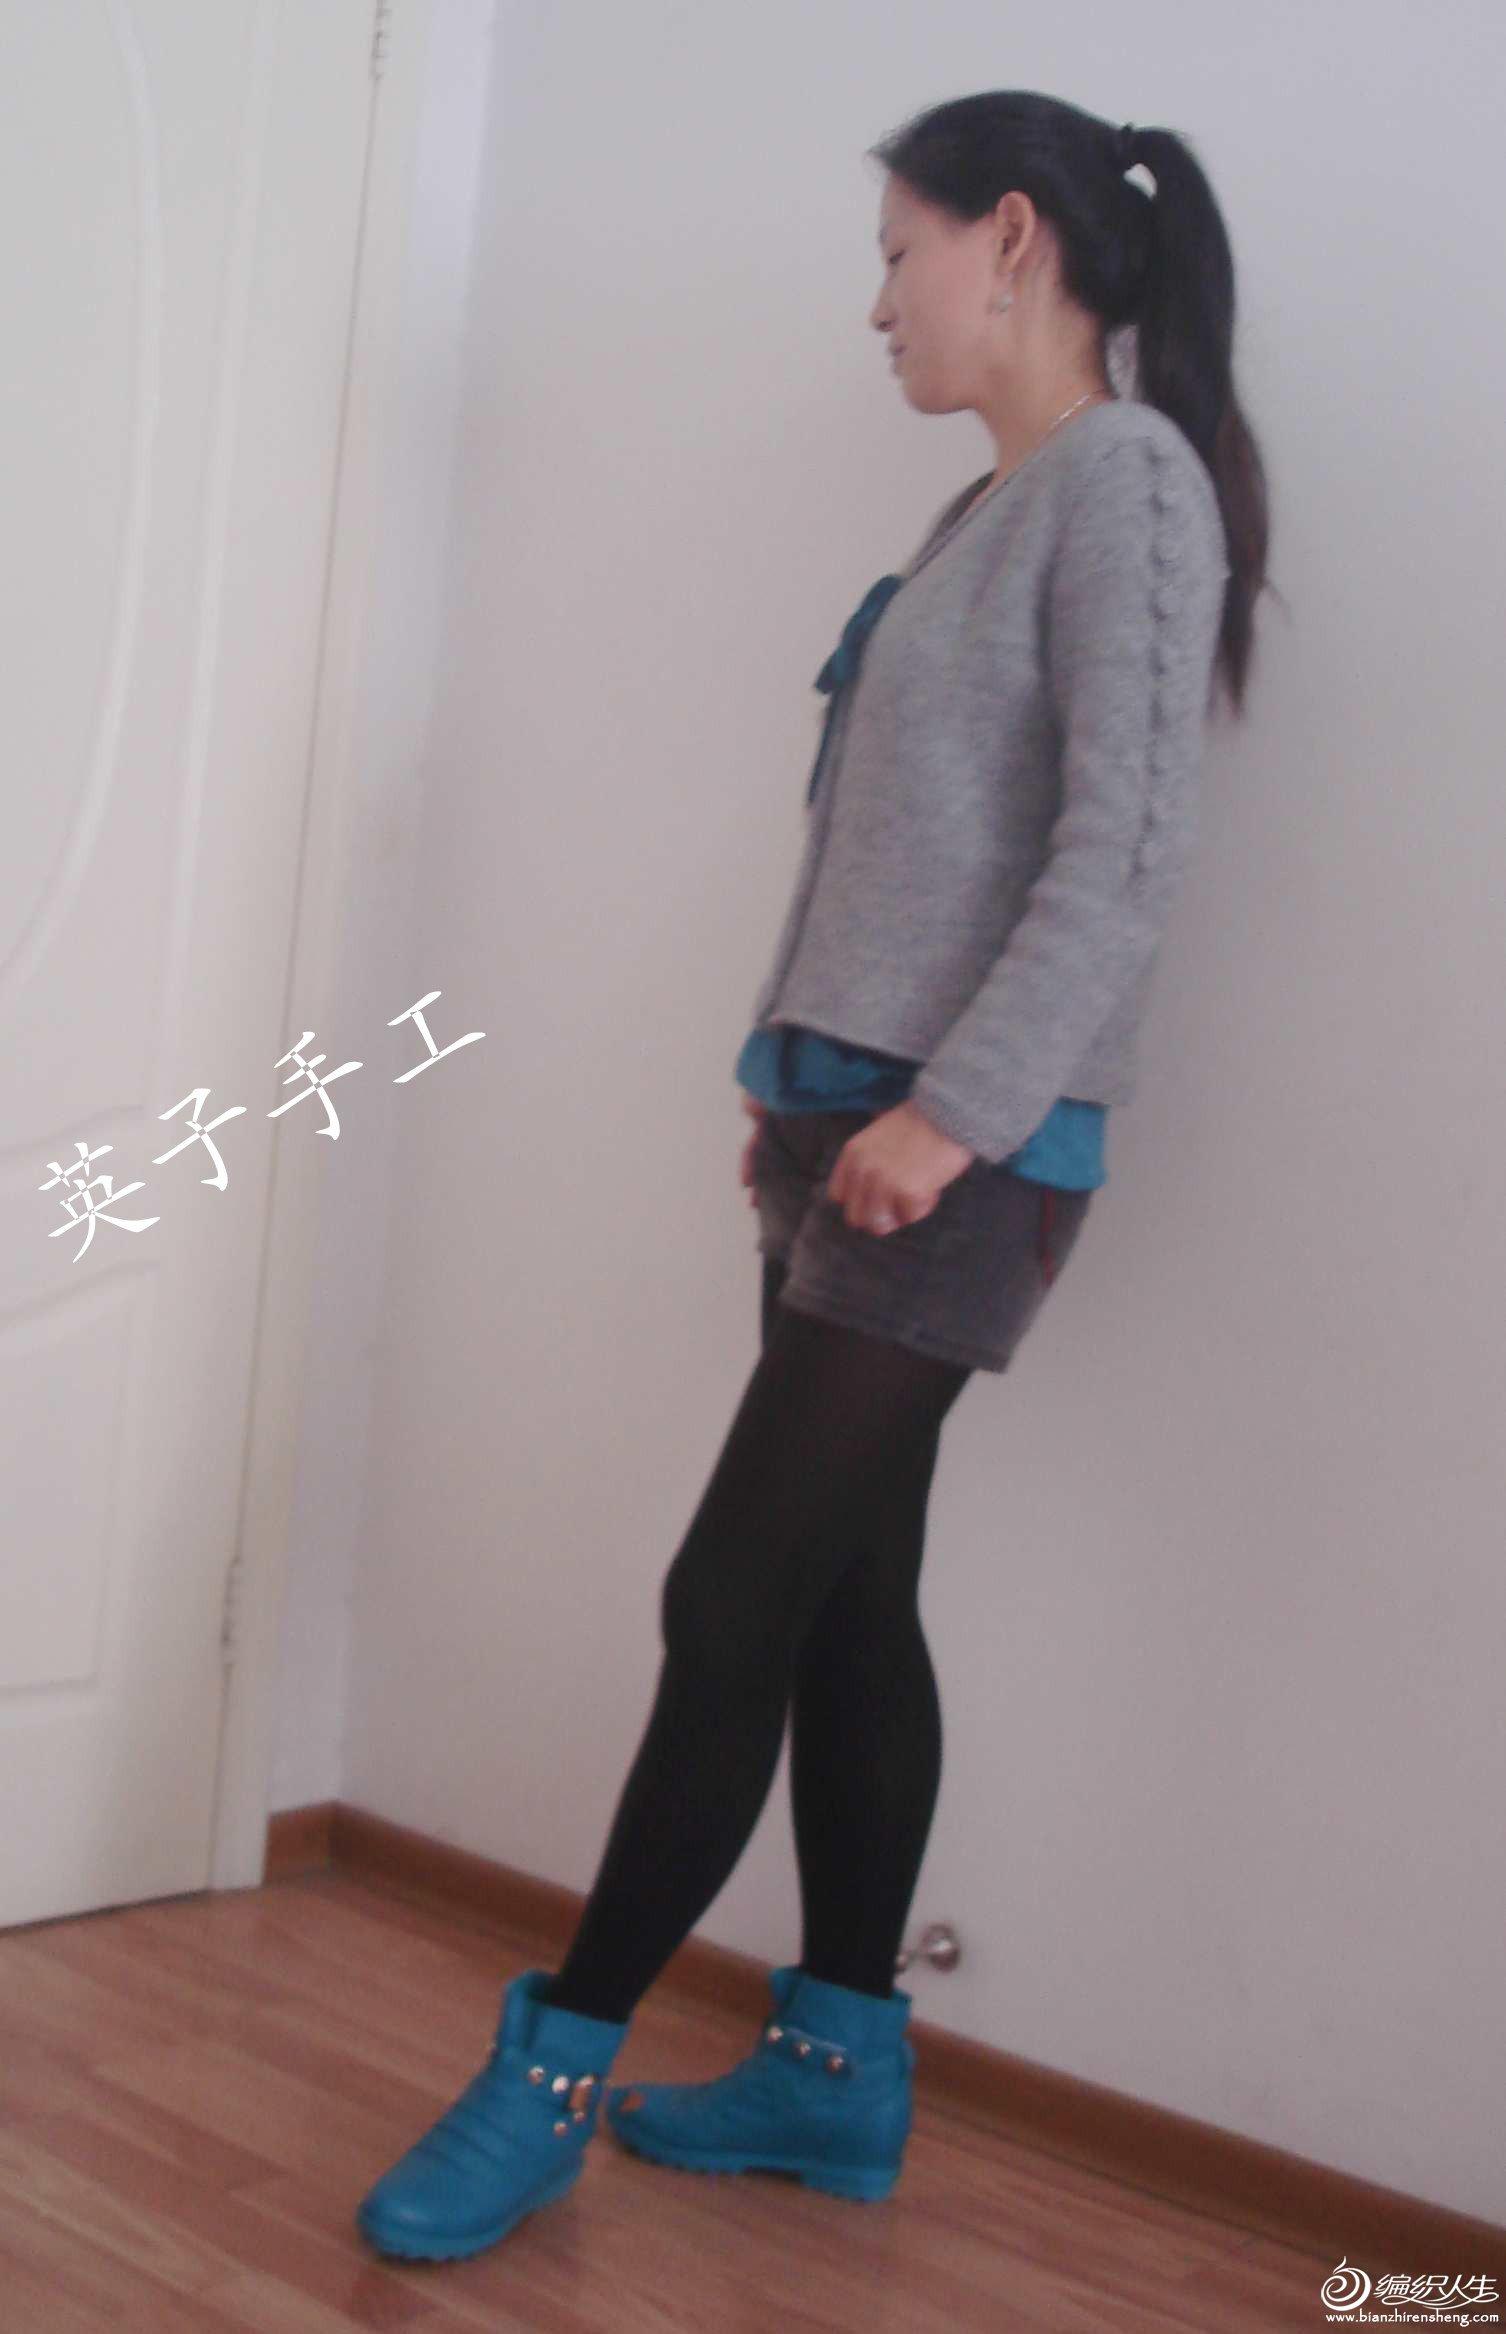 DSC02319_副本.jpg